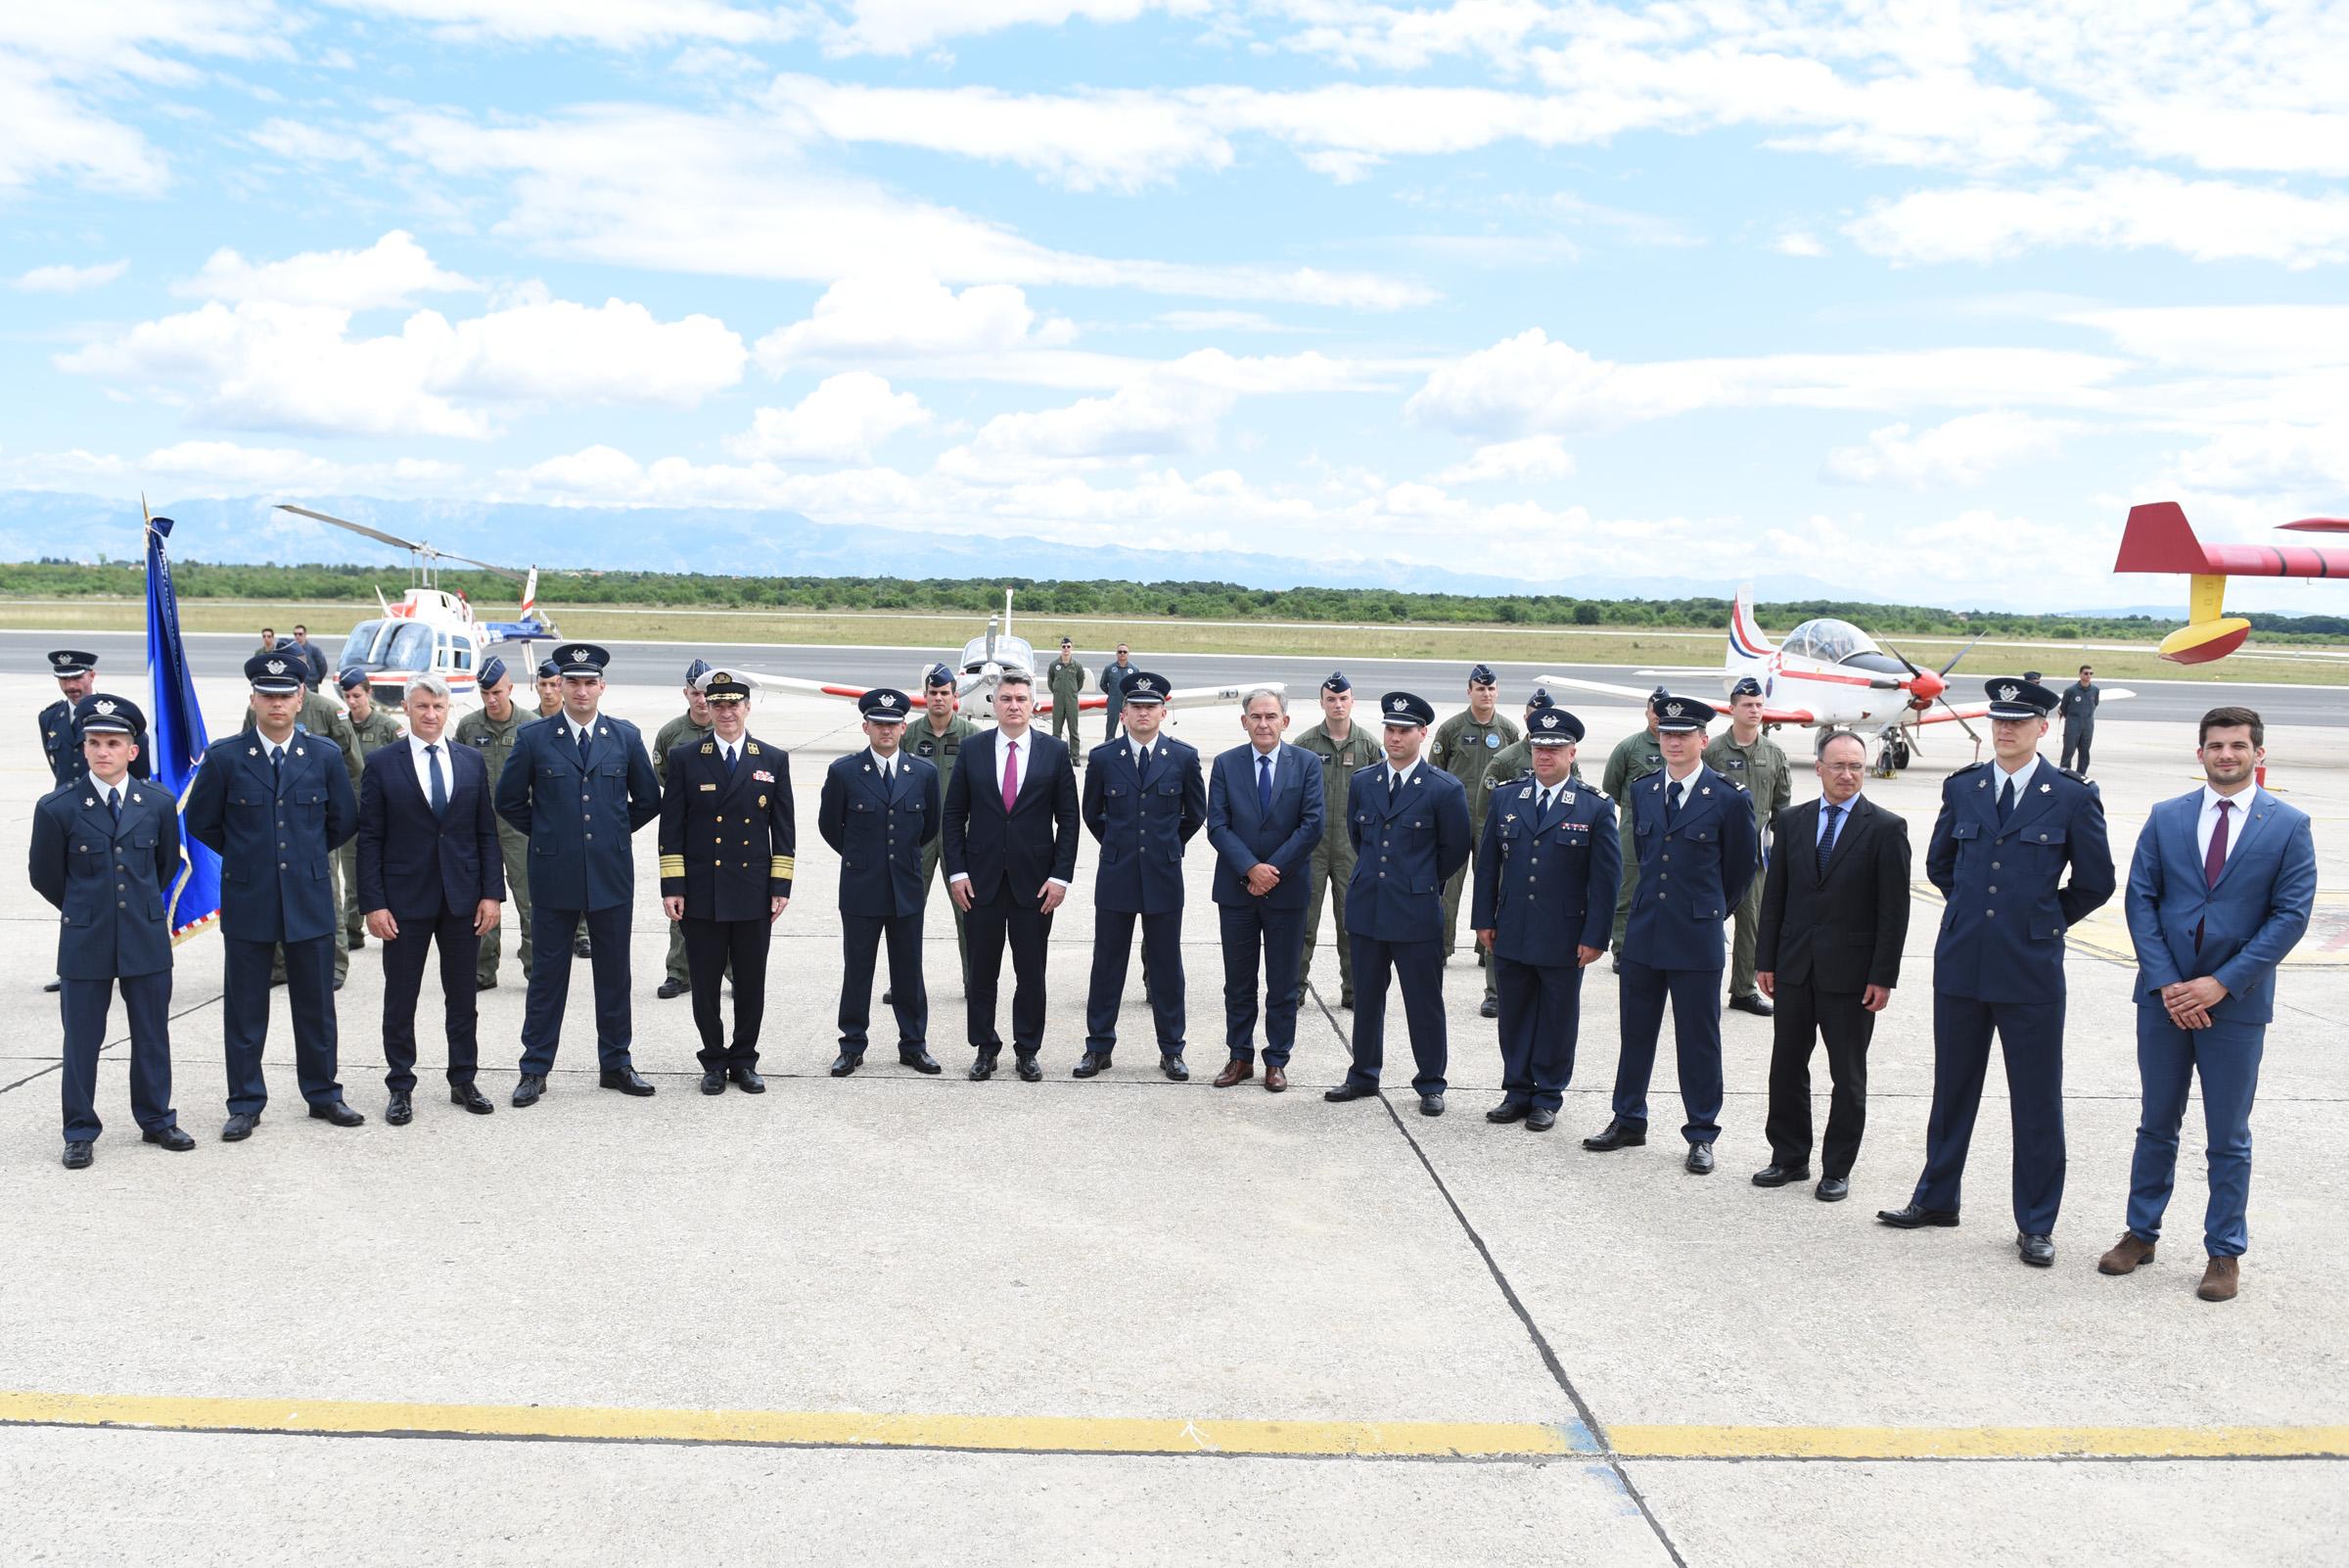 U Zemuniku dodijeljen letački znak pilota HRZ-a polaznicima 24. naraštaja vojnih pilota